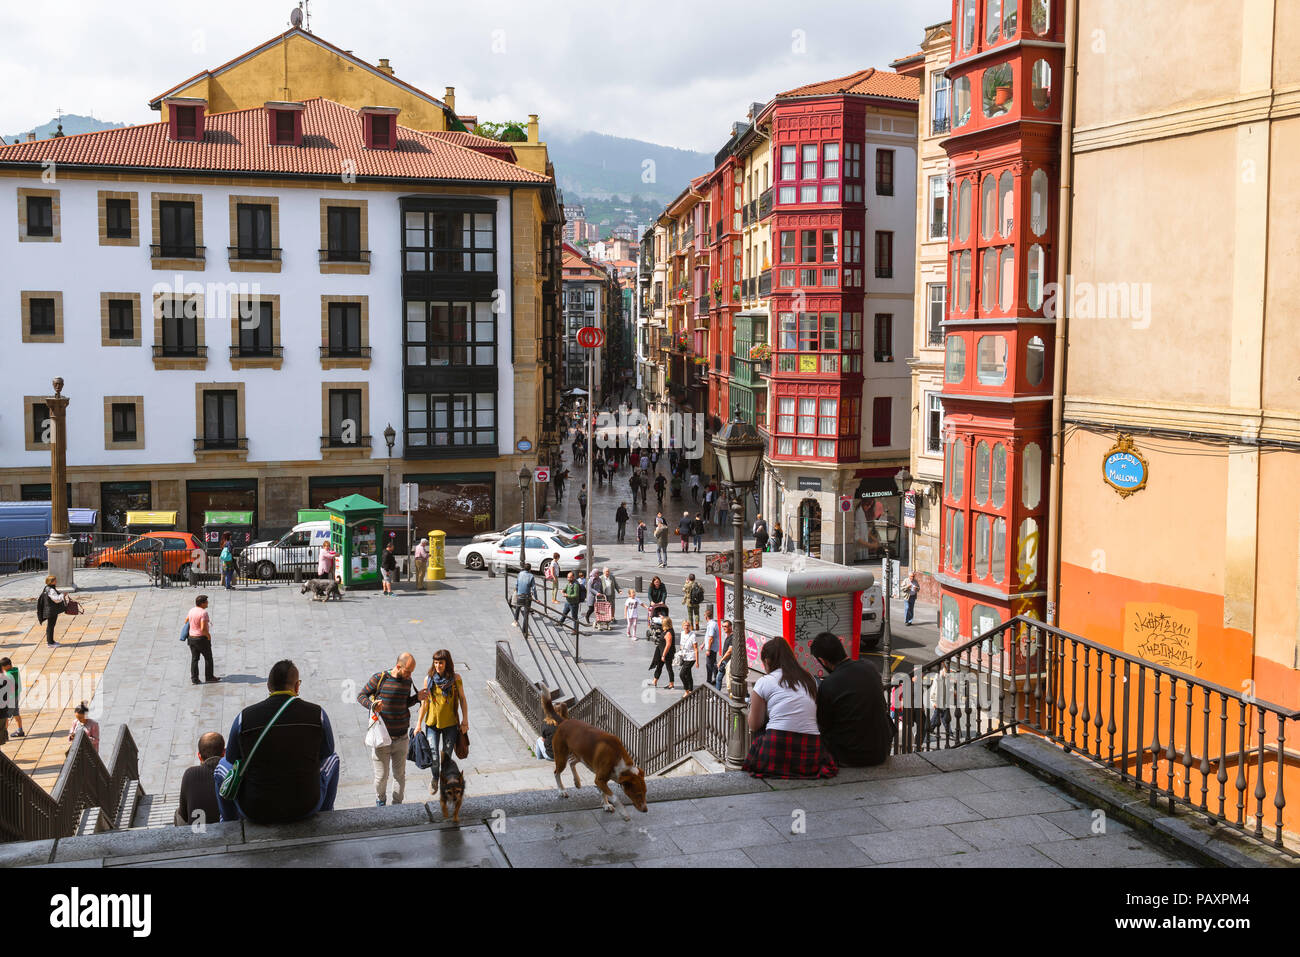 Bilbao Altstadt, Blick auf die Gebäude und die Menschen in der Plaza de Unamuno im Zentrum der Altstadt (Casco Viejo) in Bilbao, Spanien. Stockbild